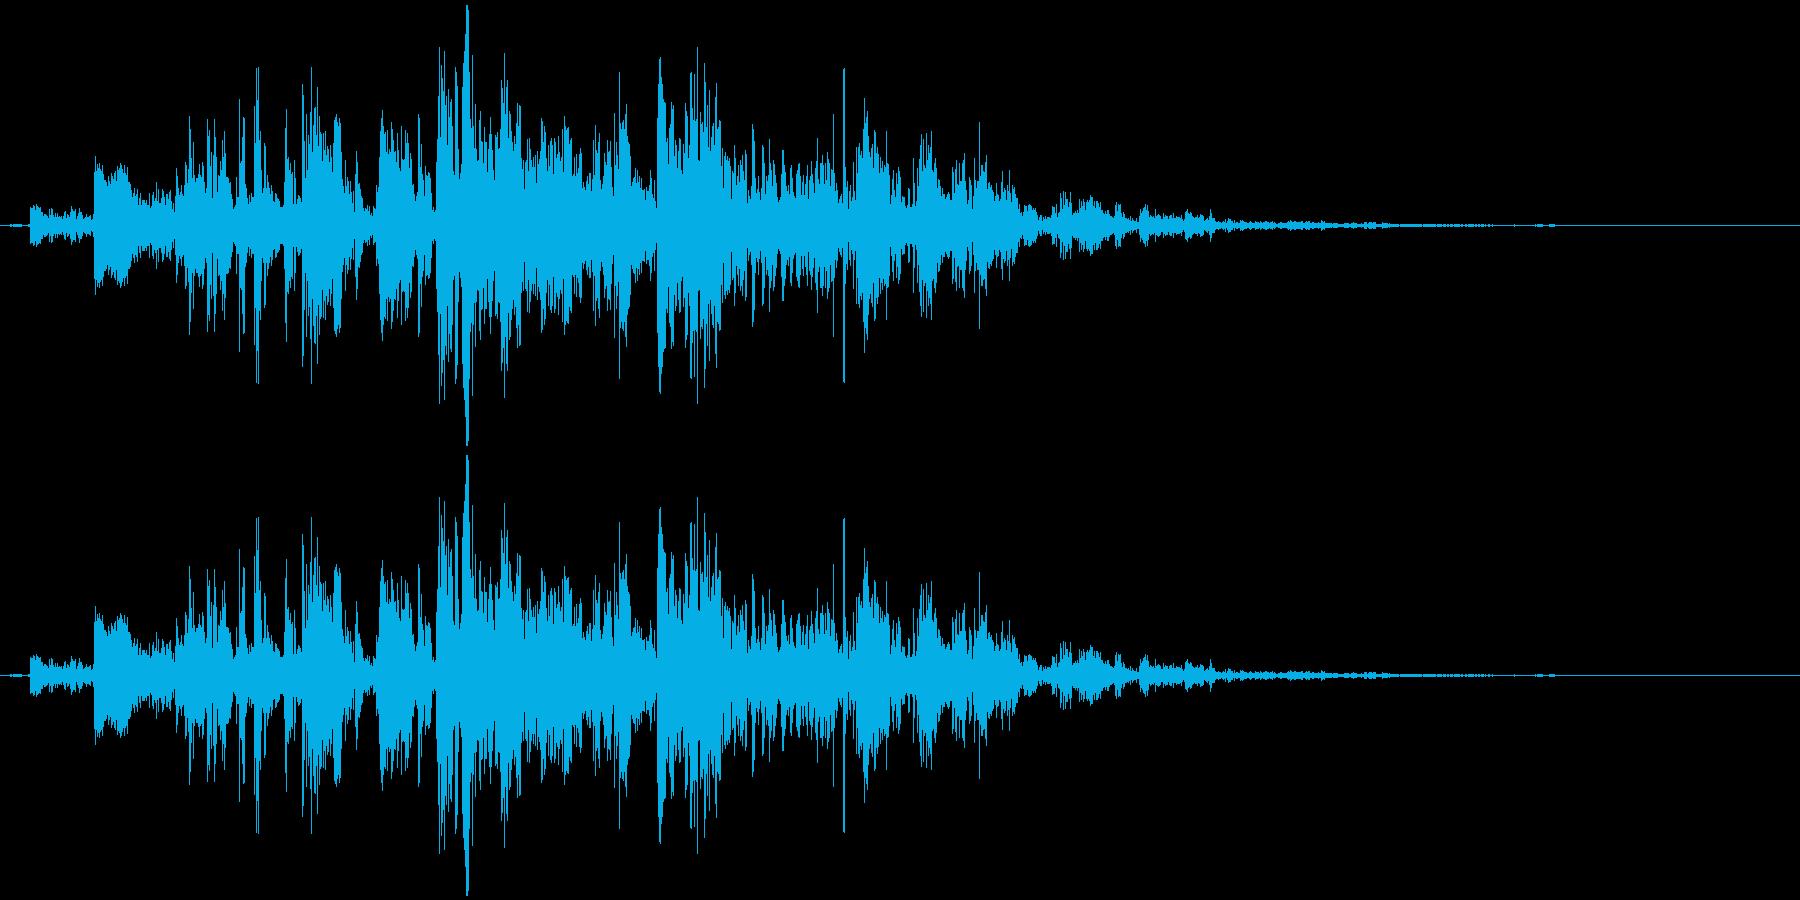 鎖を動かす音11【短い】の再生済みの波形